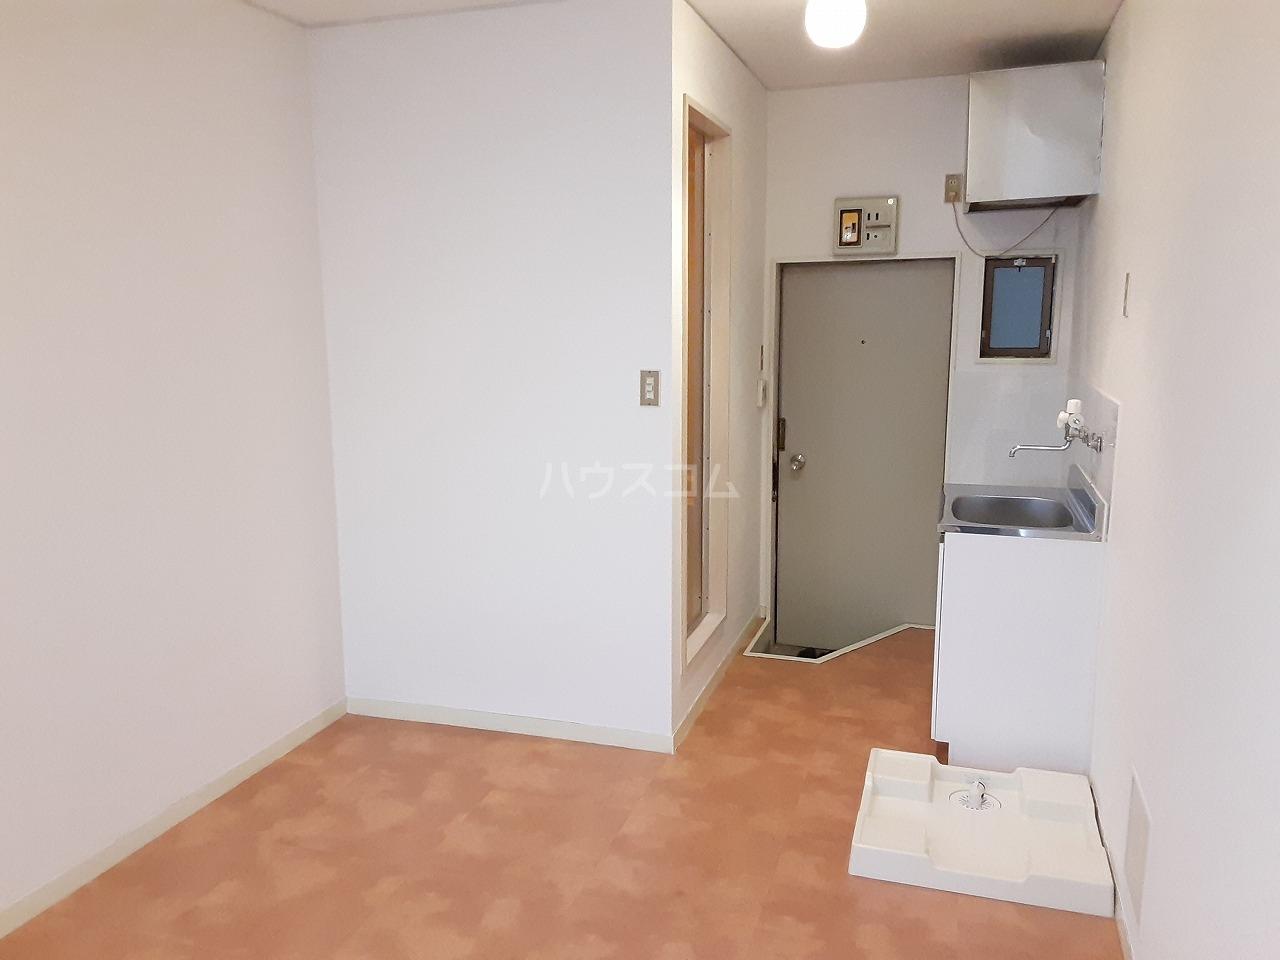 プラリネットハイツ 102号室の玄関